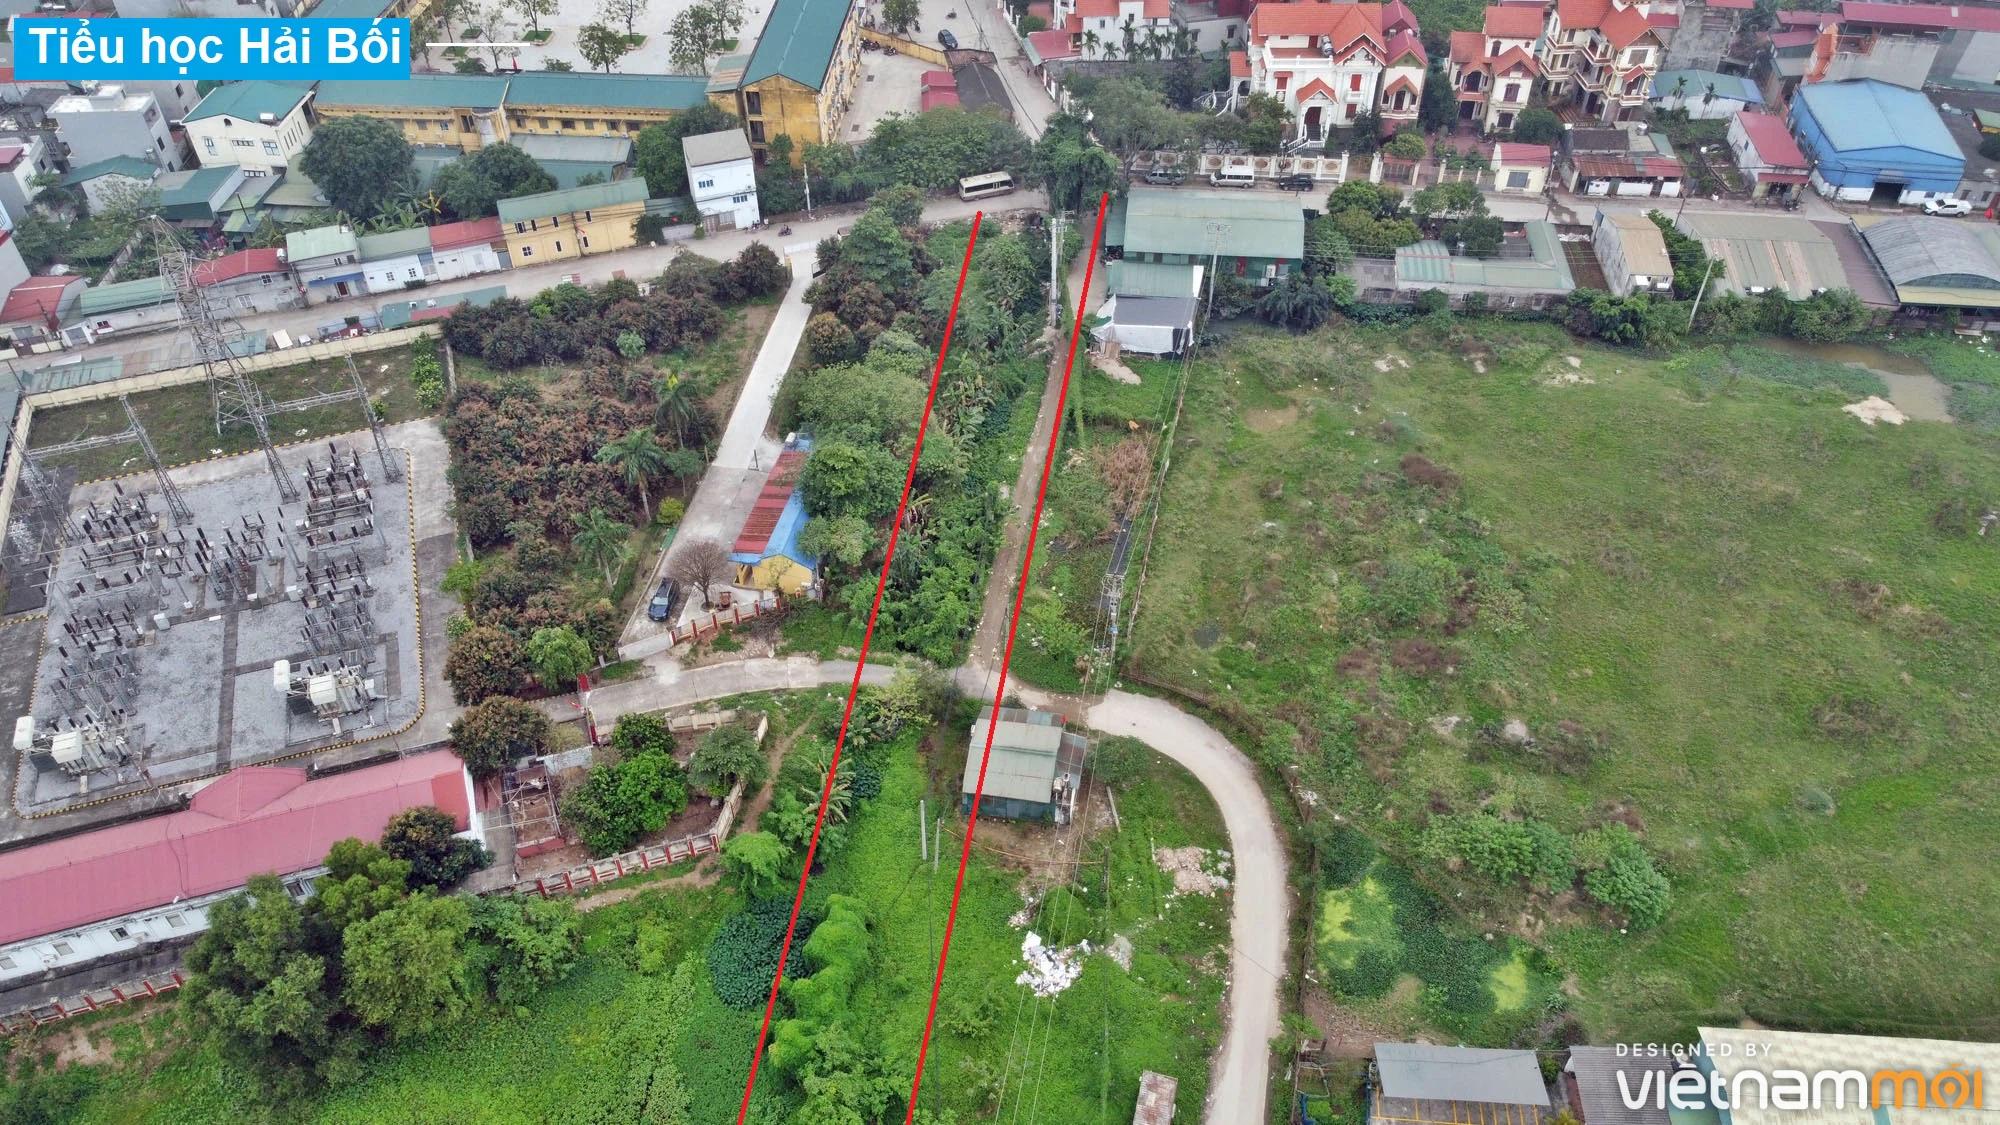 Đường sẽ mở theo quy hoạch ở xã Hải Bối, Đông Anh, Hà Nội (phần 3) - Ảnh 8.